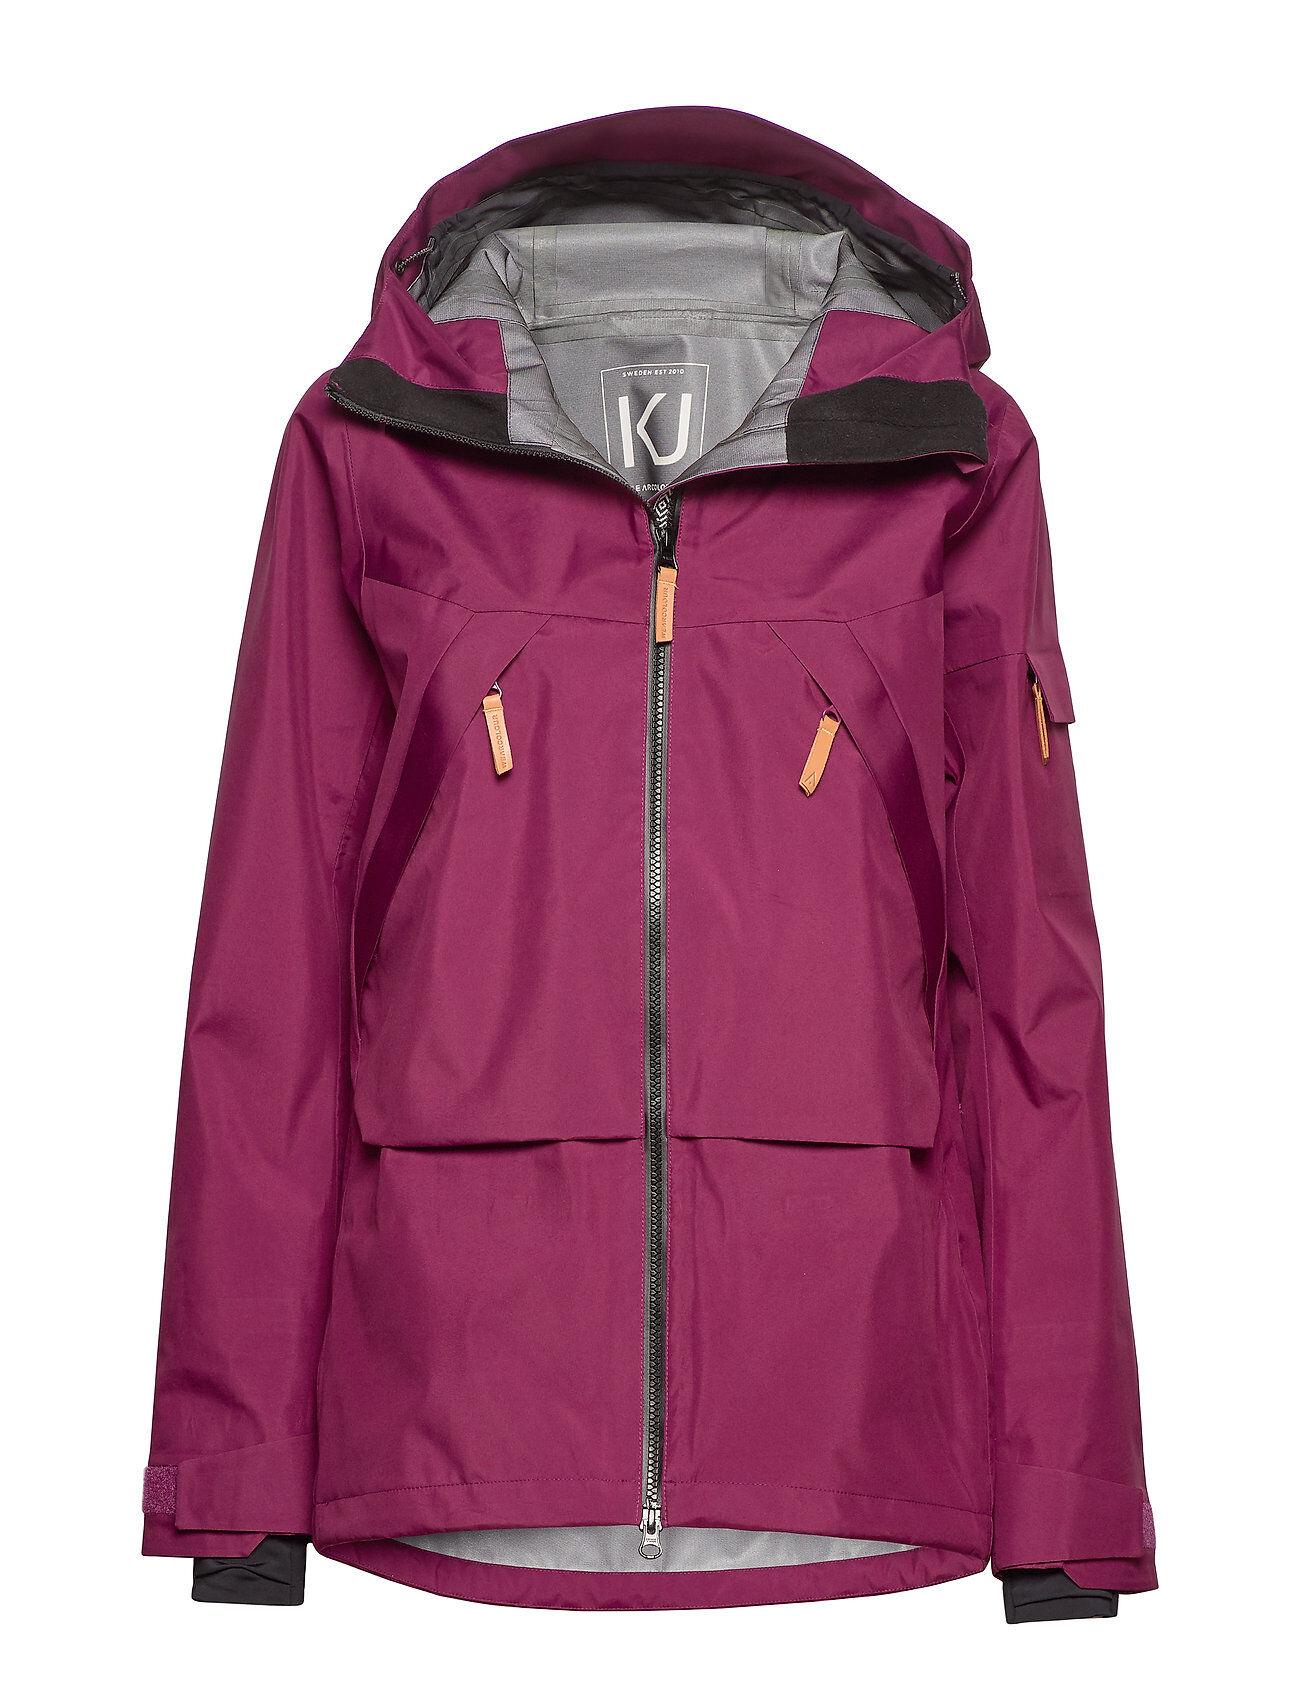 WearColour Owl Jacket Outerwear Sport Jackets Liila WearColour